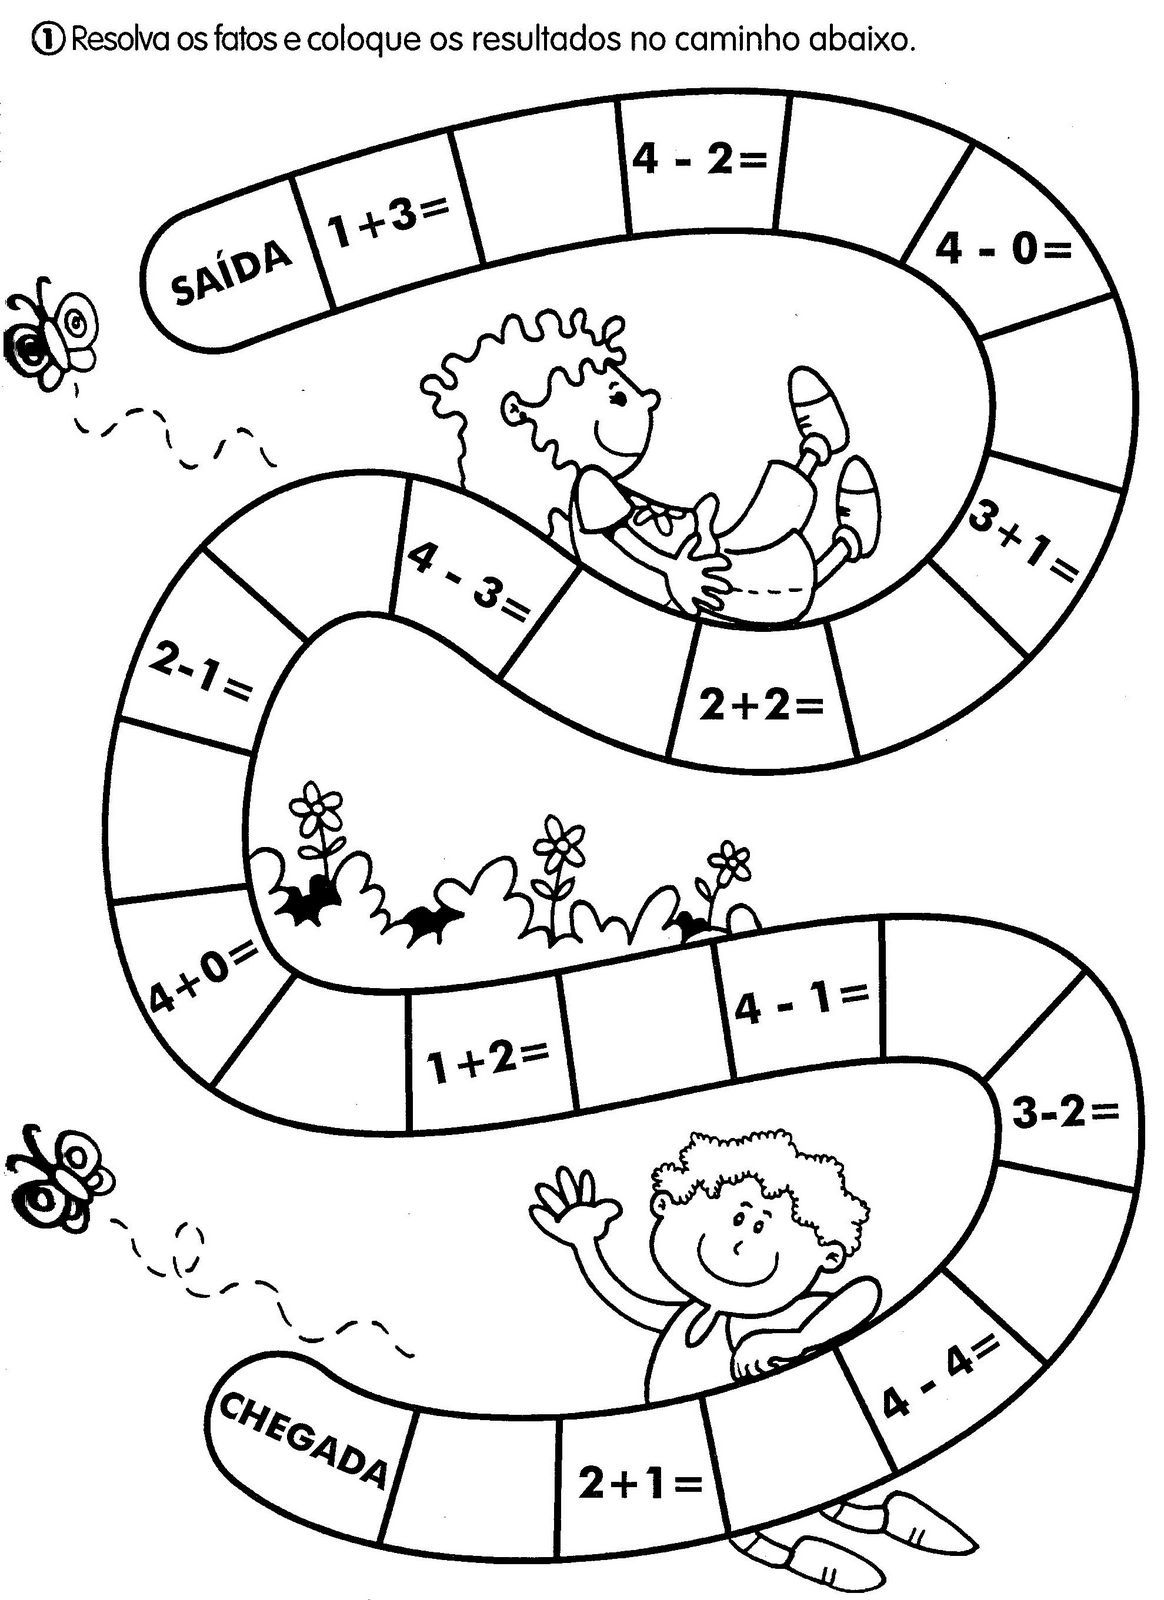 24 Jpg 1164 1600 Atividades De Matematica Atividades De